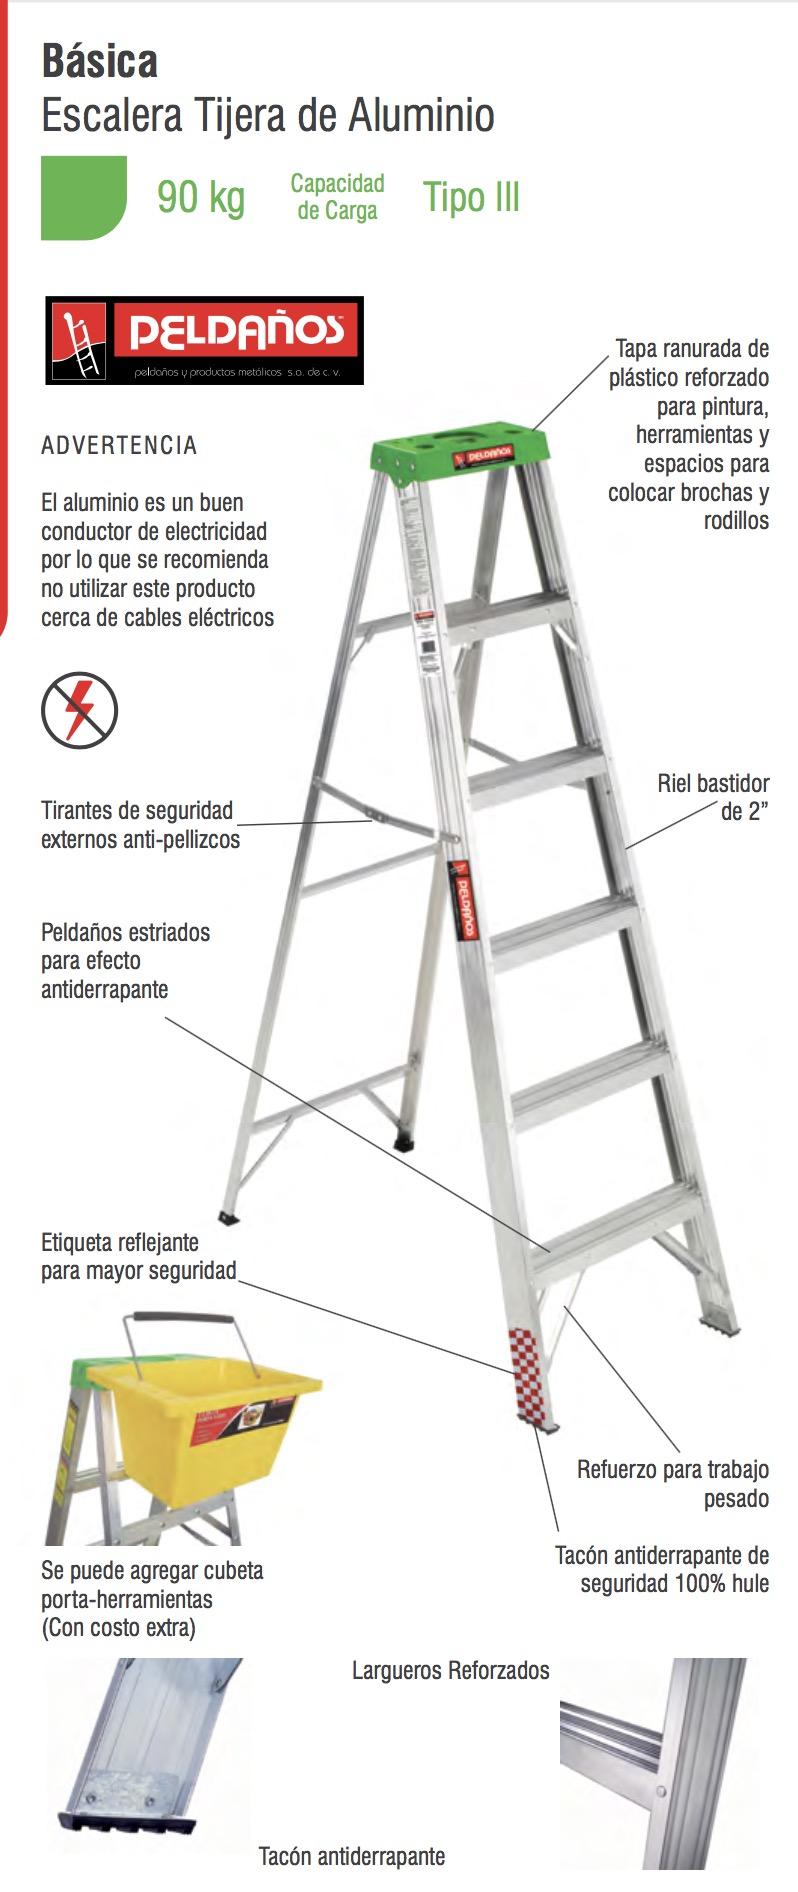 Escalera tijera aluminio 2 pelda os tipo iii 706716 for Escalera aluminio 2 peldanos